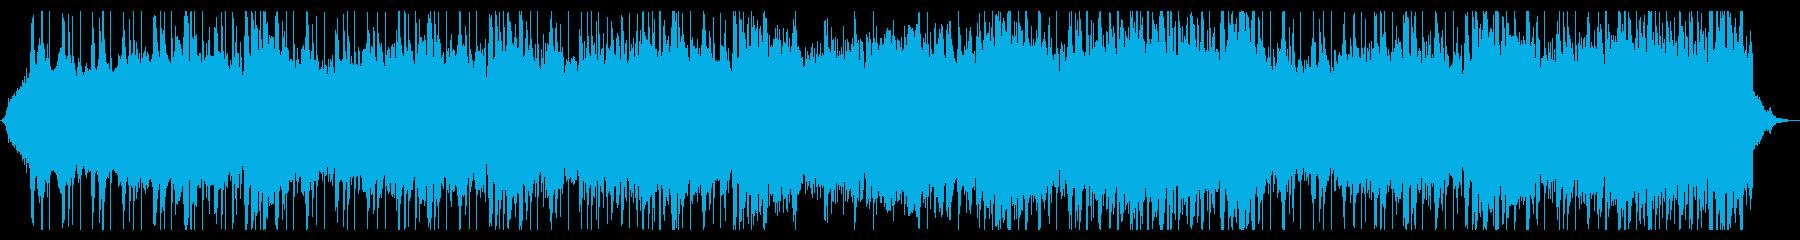 トラップ ヒップホップ 実験的 ワ...の再生済みの波形